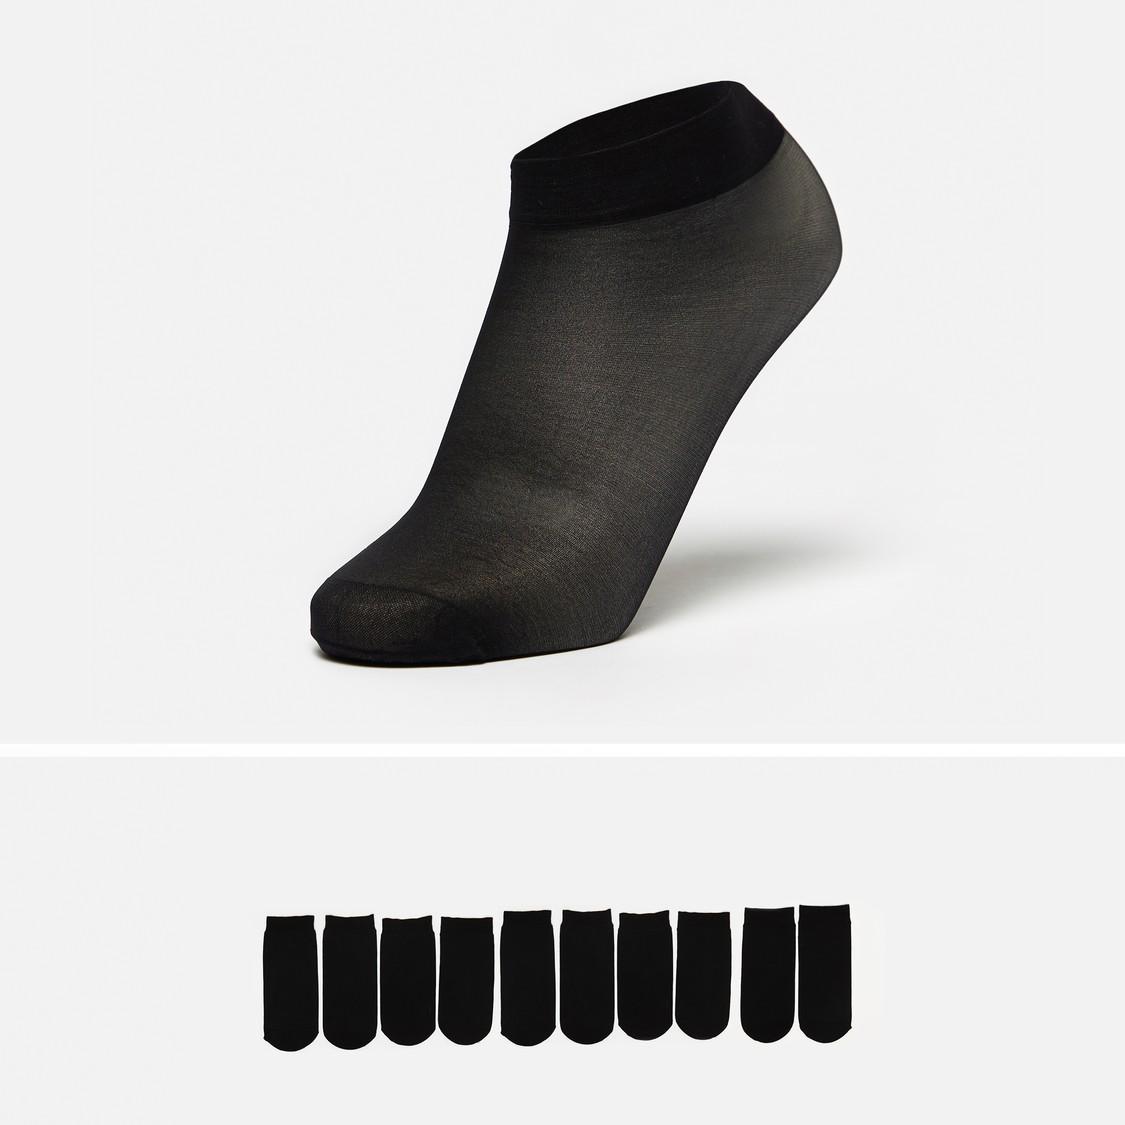 جوارب  - طقم من 10 أزواج